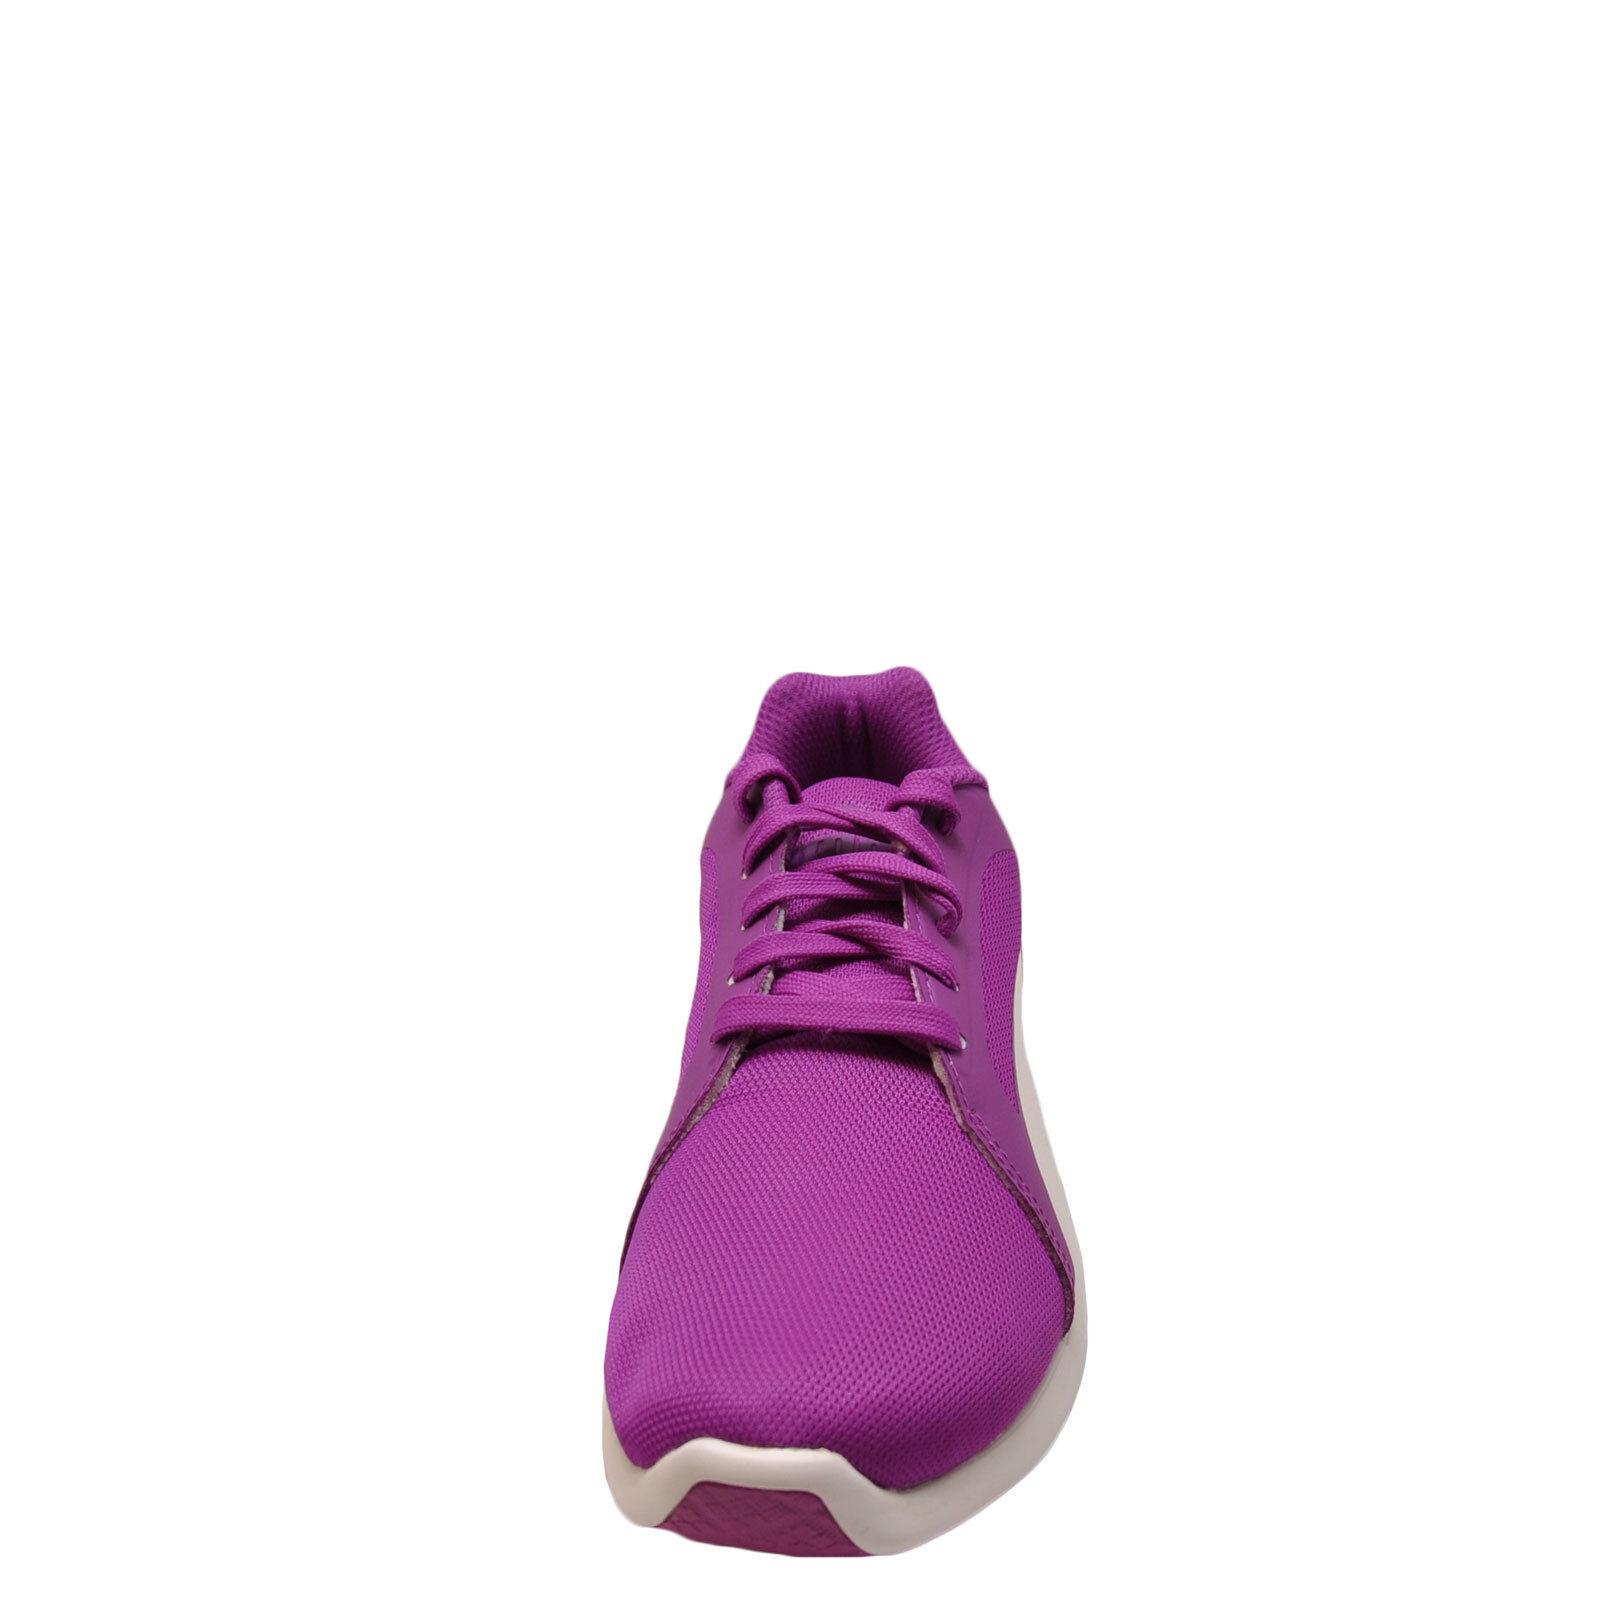 PUMA ST Trainer Evo Purple Cactus Flower Women's Women's Women's Sneakers 360963-07 d4353f